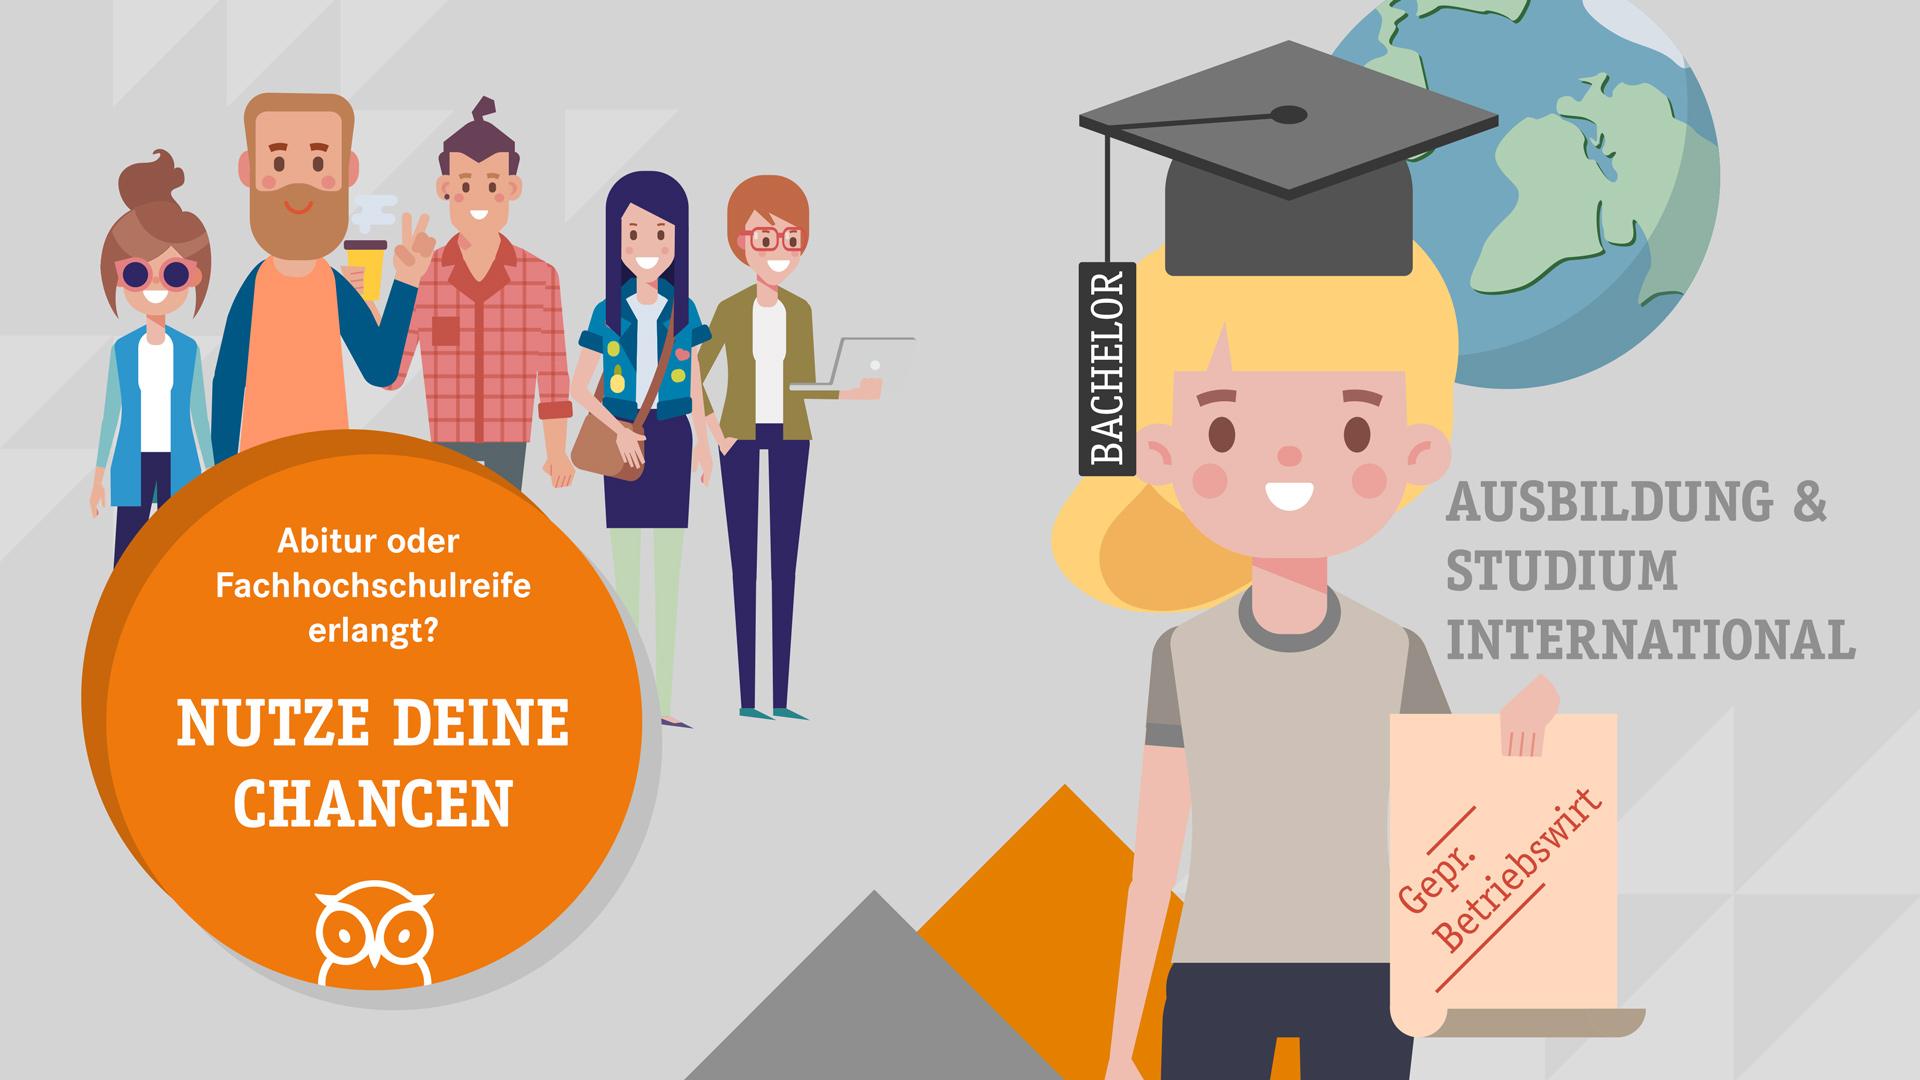 Vorschaubild des Videos zur Dr. Buhmann Schule für Ausbildung und Fachabitur